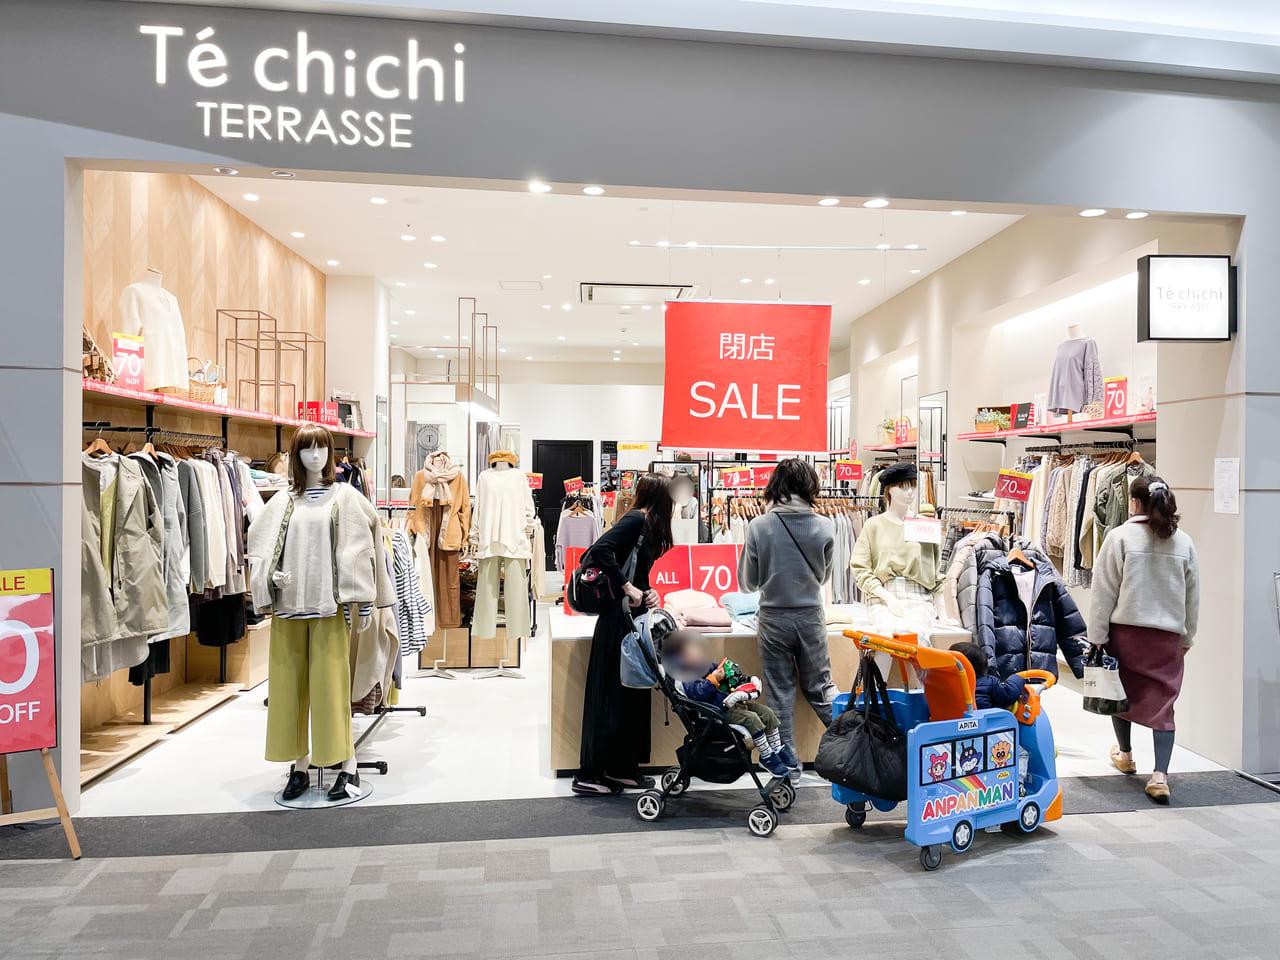 エアポートウォーク名古屋テチチテラス閉店セール